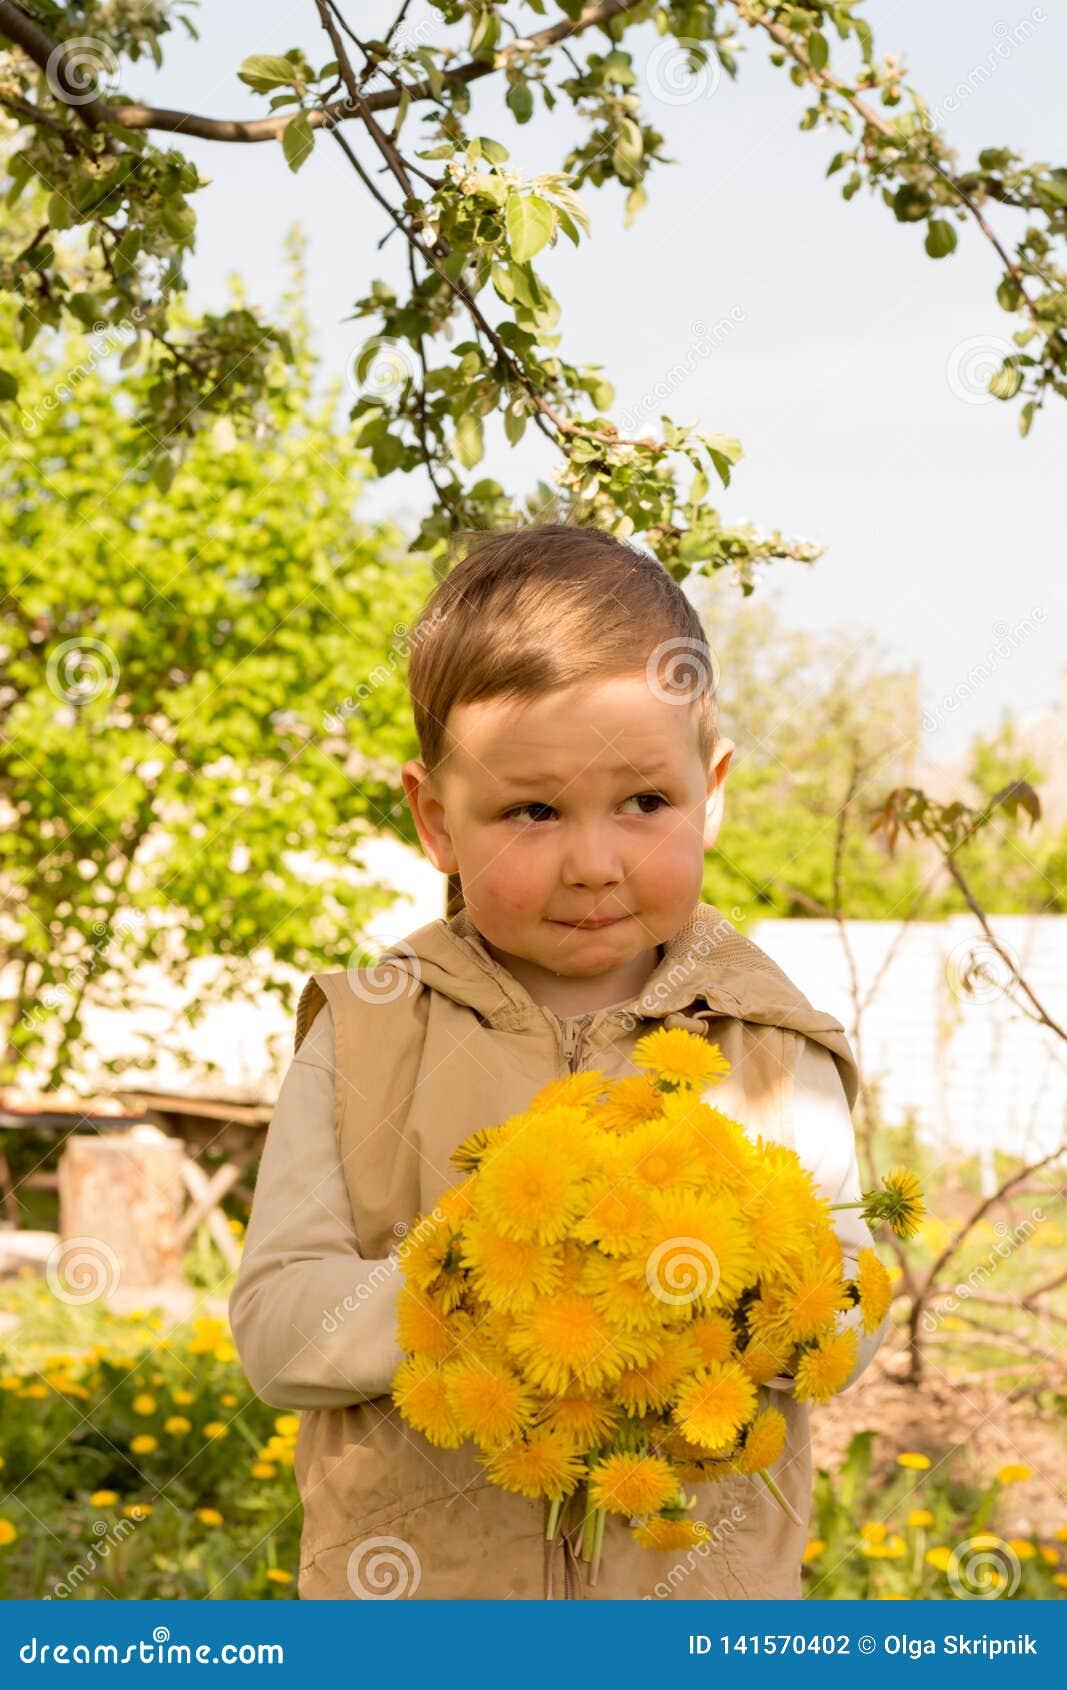 Um rapaz pequeno está guardando um grande ramalhete dos dentes-de-leão amarelos, tímido, fazendo caretas, um presente a sua mãe